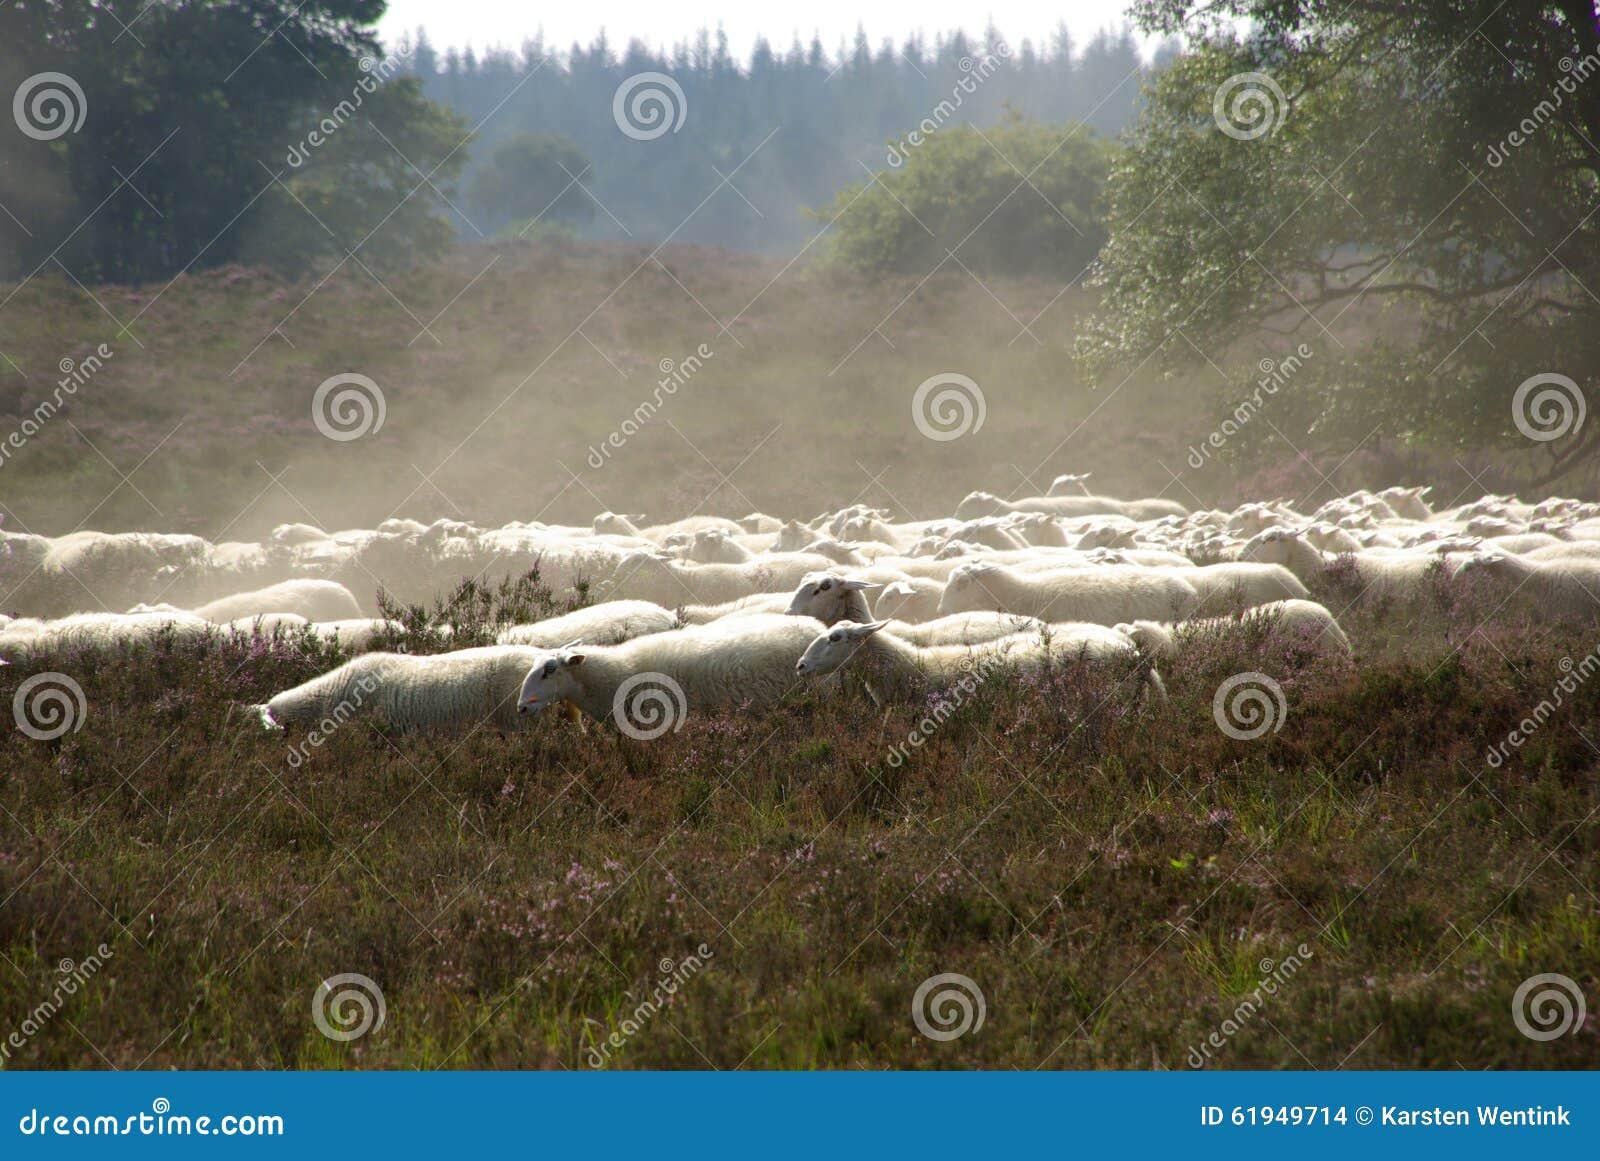 Πρόβατα στο λαντ